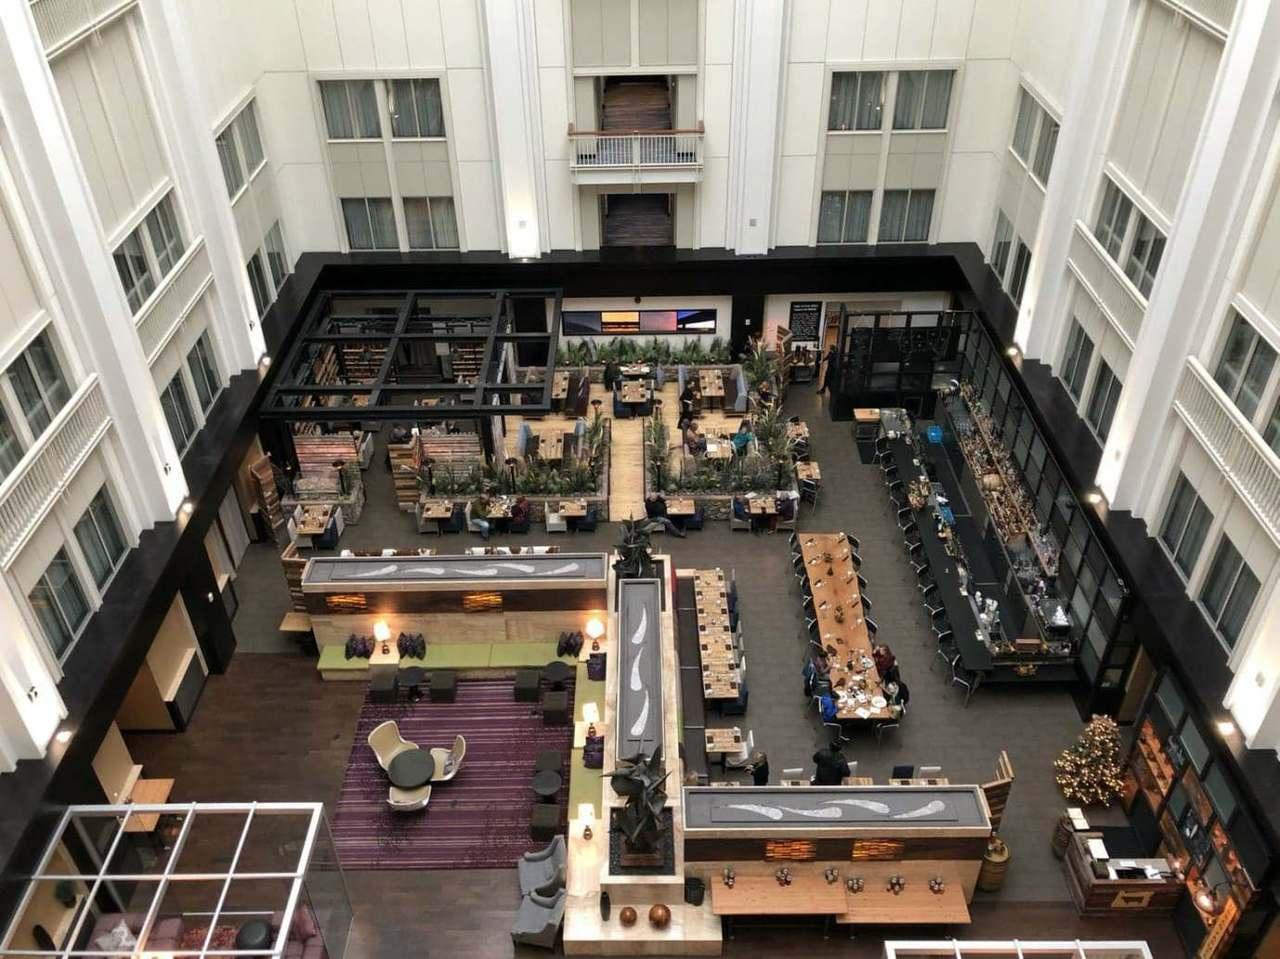 從Lounge看下去的中庭,這個是這間酒店著名的特色之一 圖文來自於:TripP...